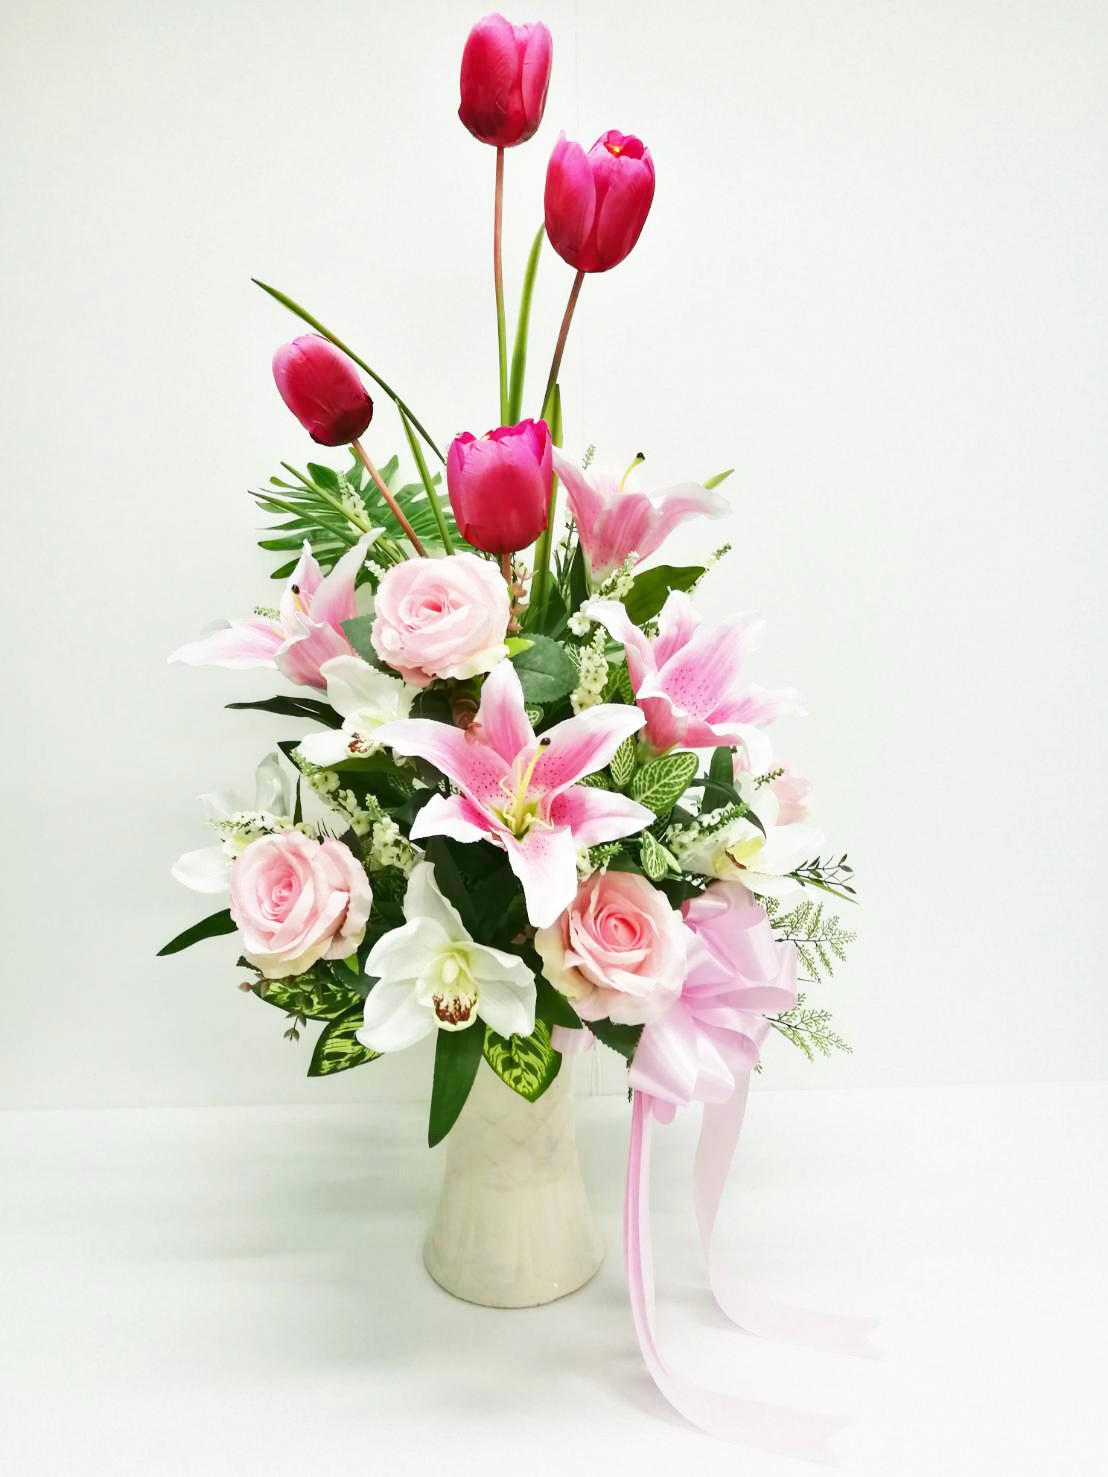 แจกันดอกไม้ประดิษฐ์โทนชมพูใหญ่ รหัส 3080